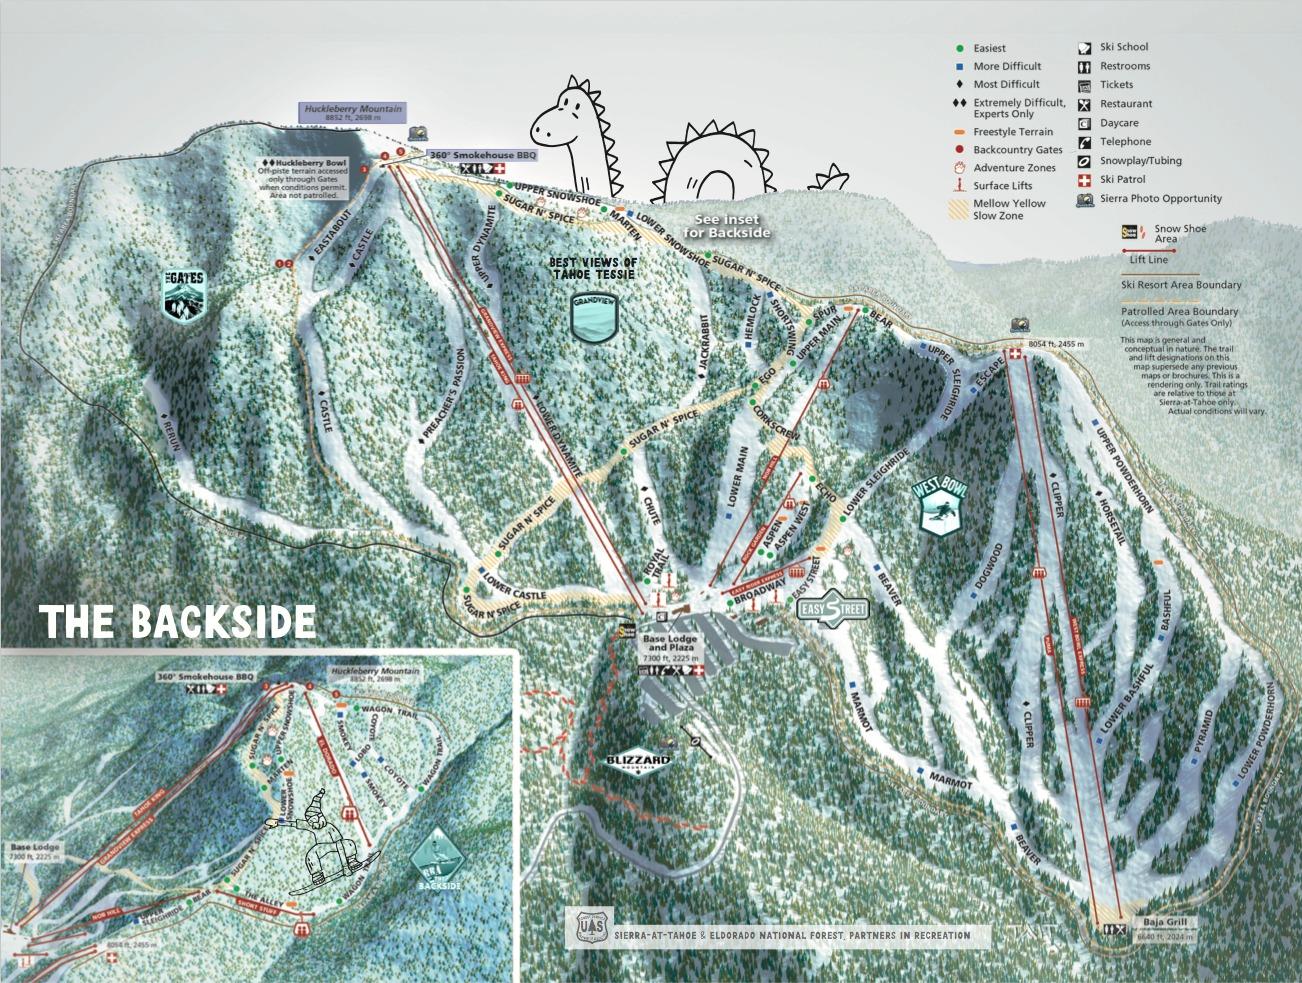 sierra-at-tahoe snow report   onthesnow